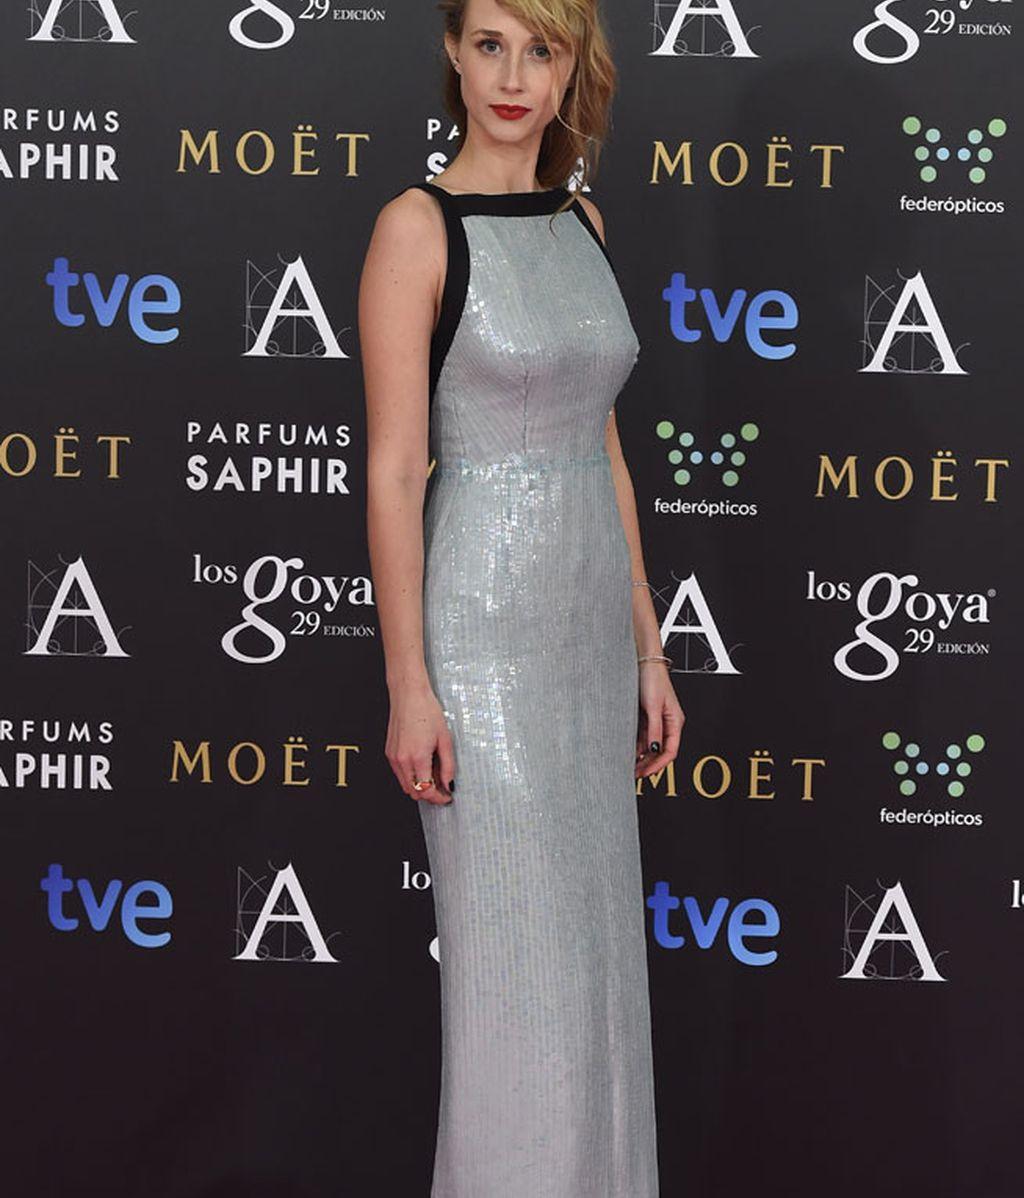 Ingrid García Jonsson con vestido de Lorenzo Caprile y zapatos de Lodi